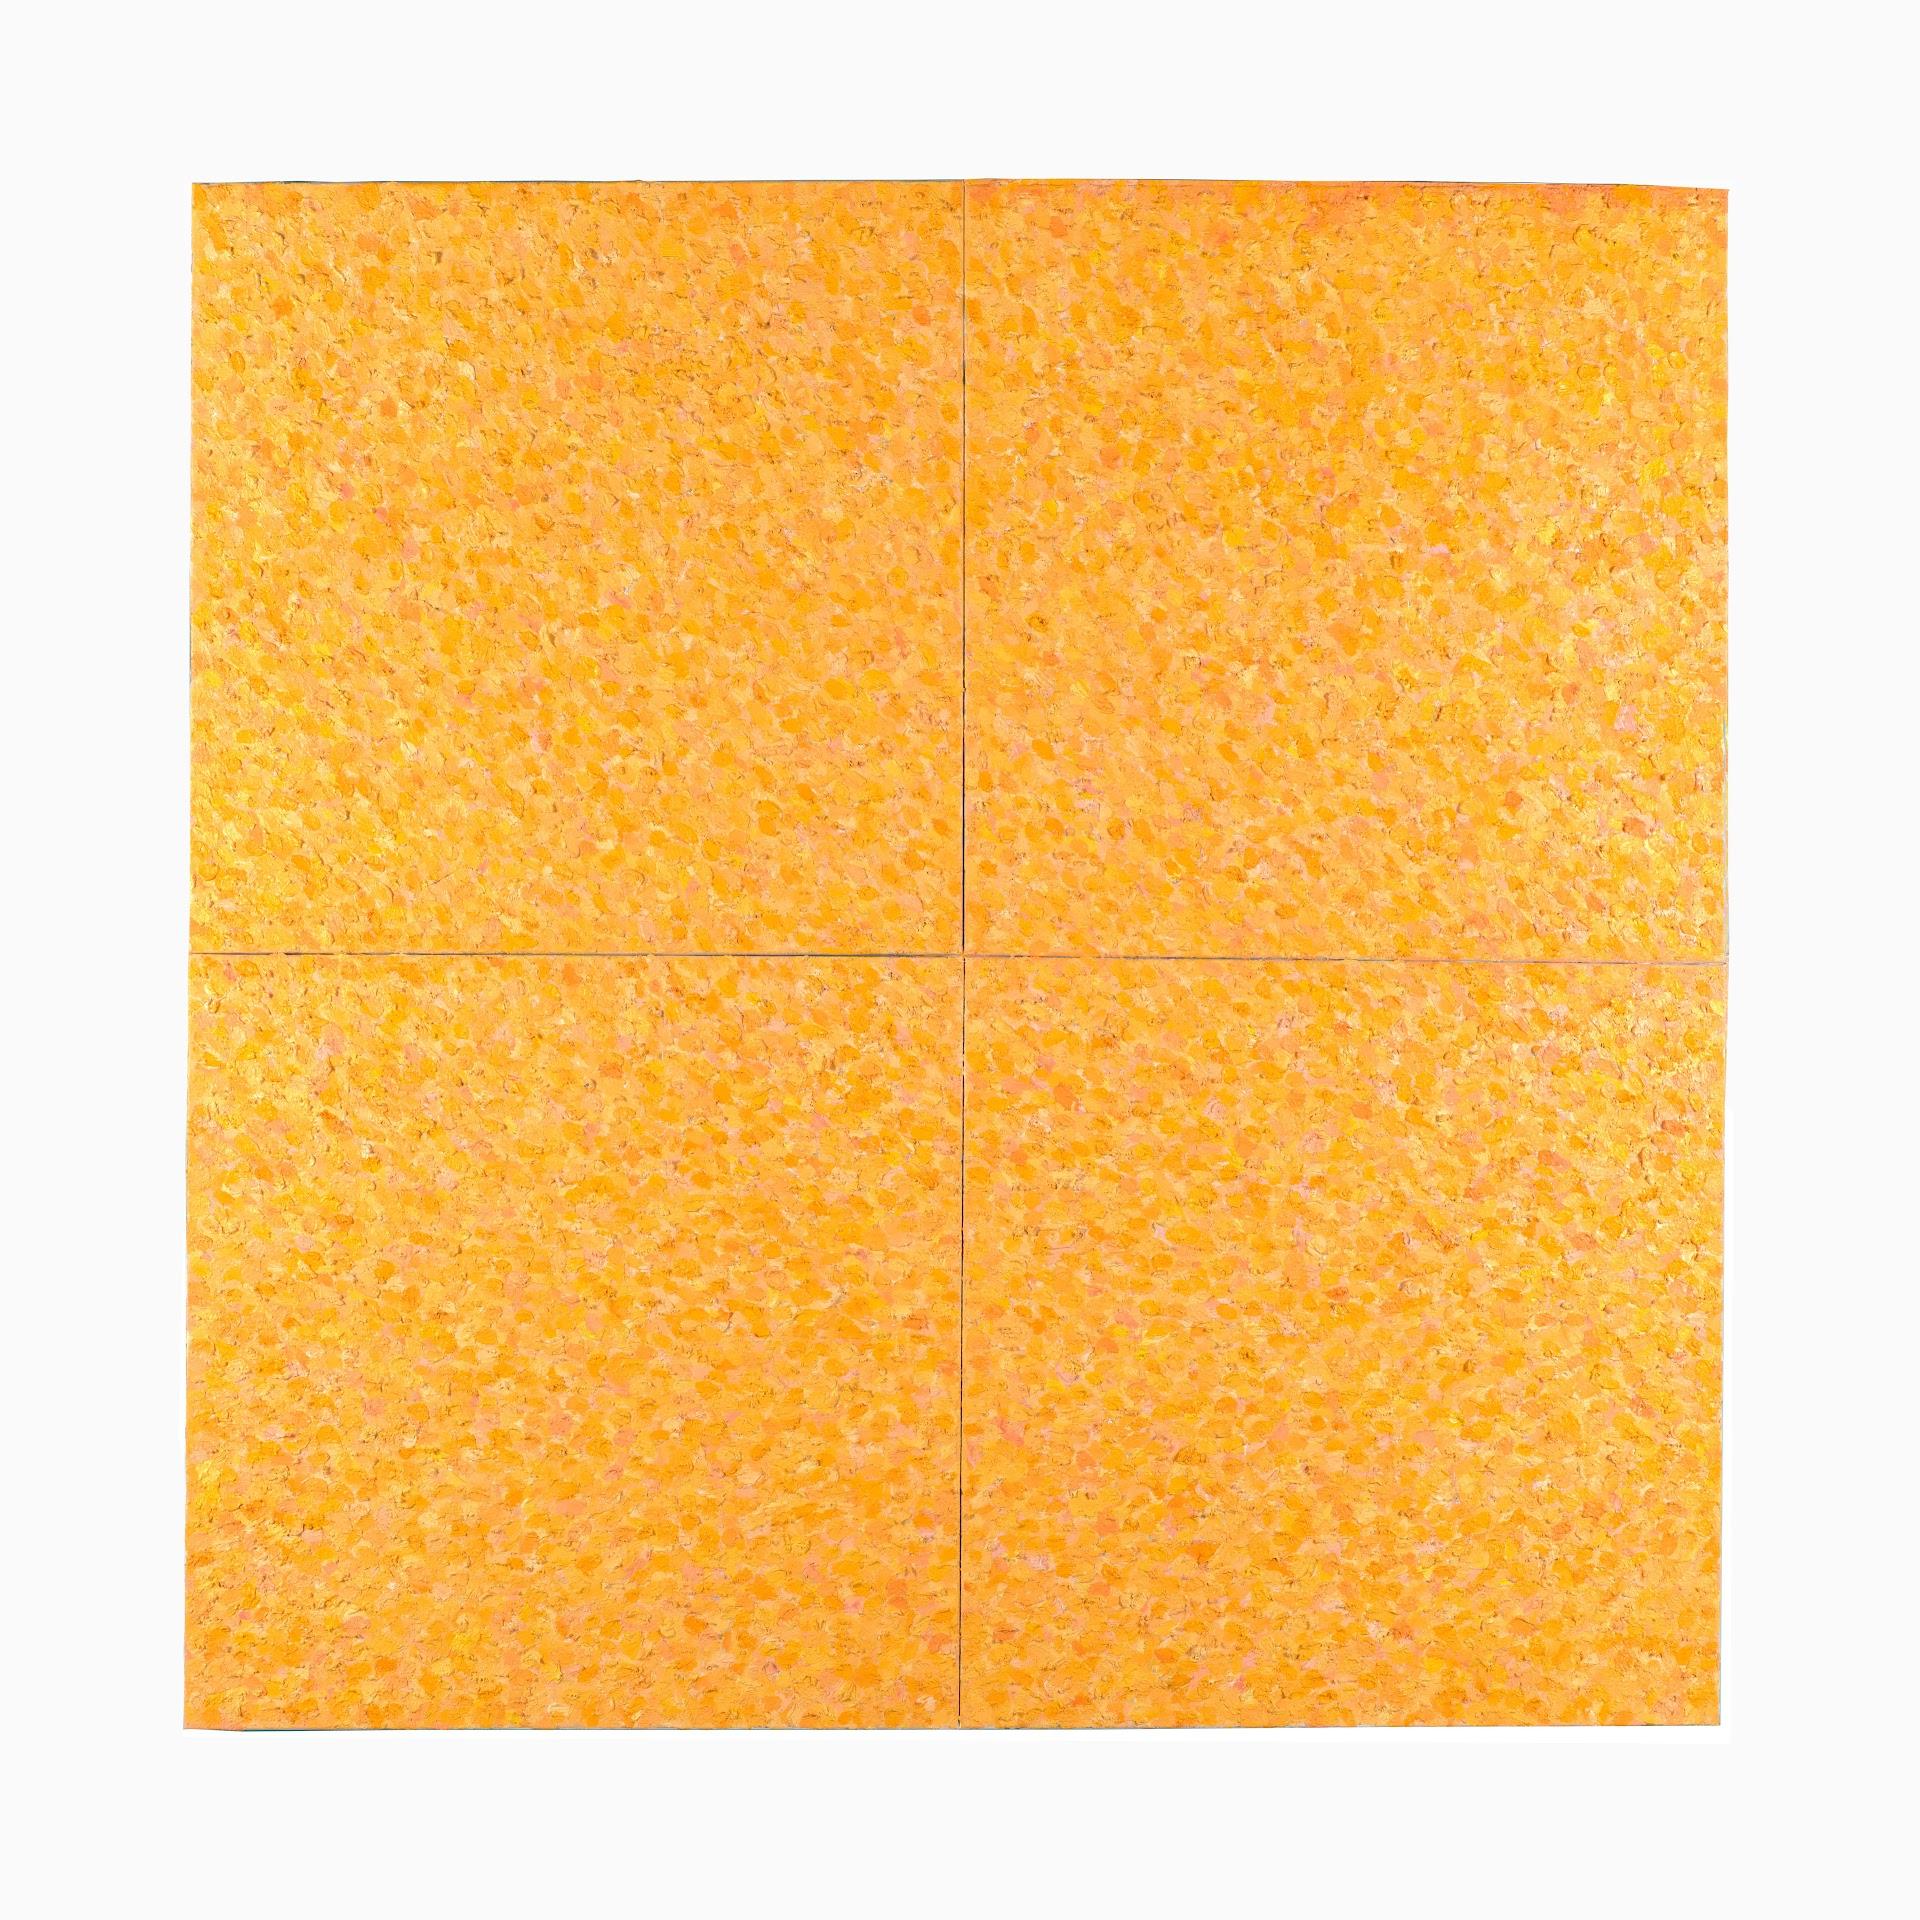 Jan Wolkers, Het Grote Gele Doek (2006)